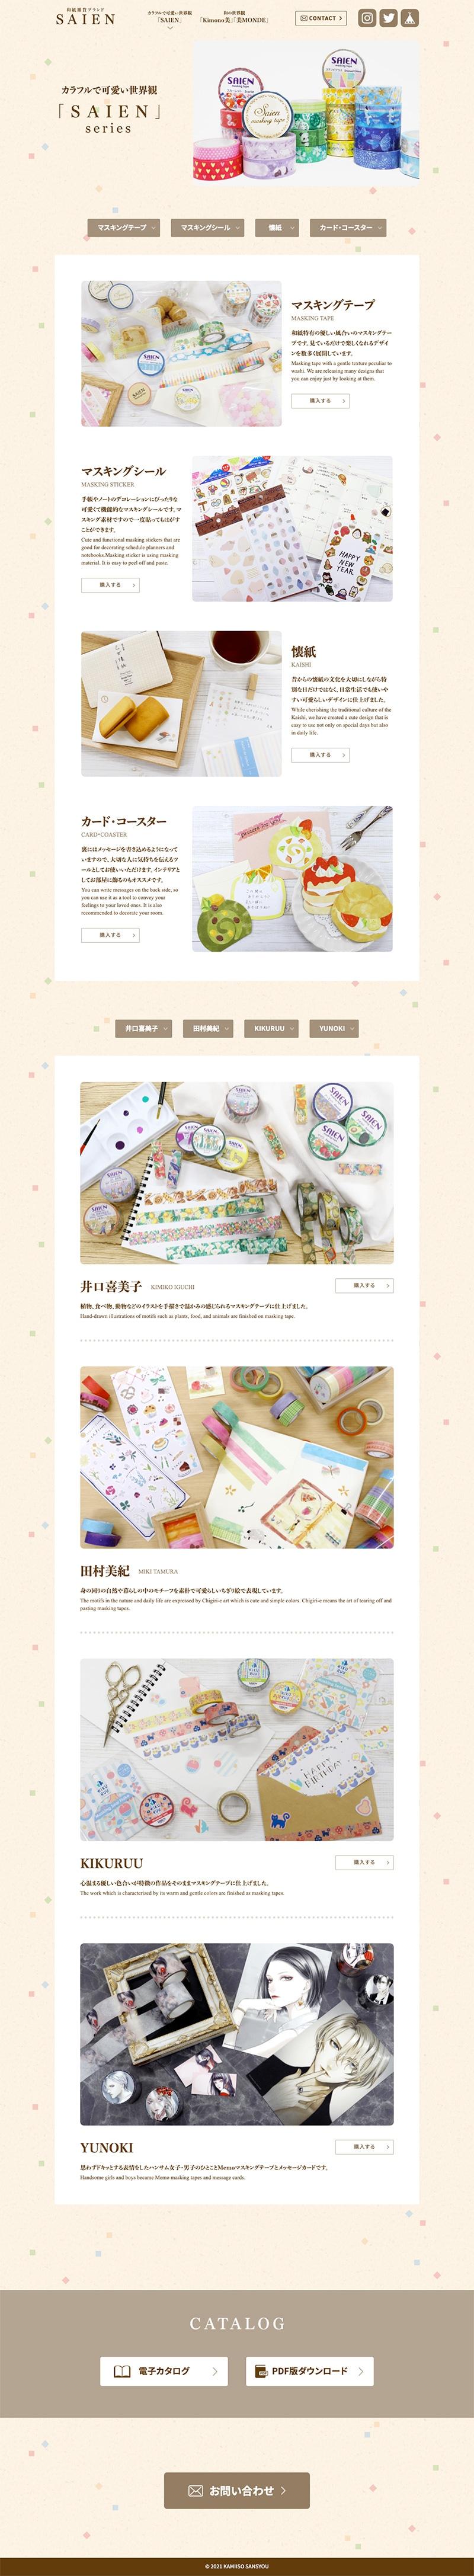 カミイソ産商株式会社様・ブランドサイト